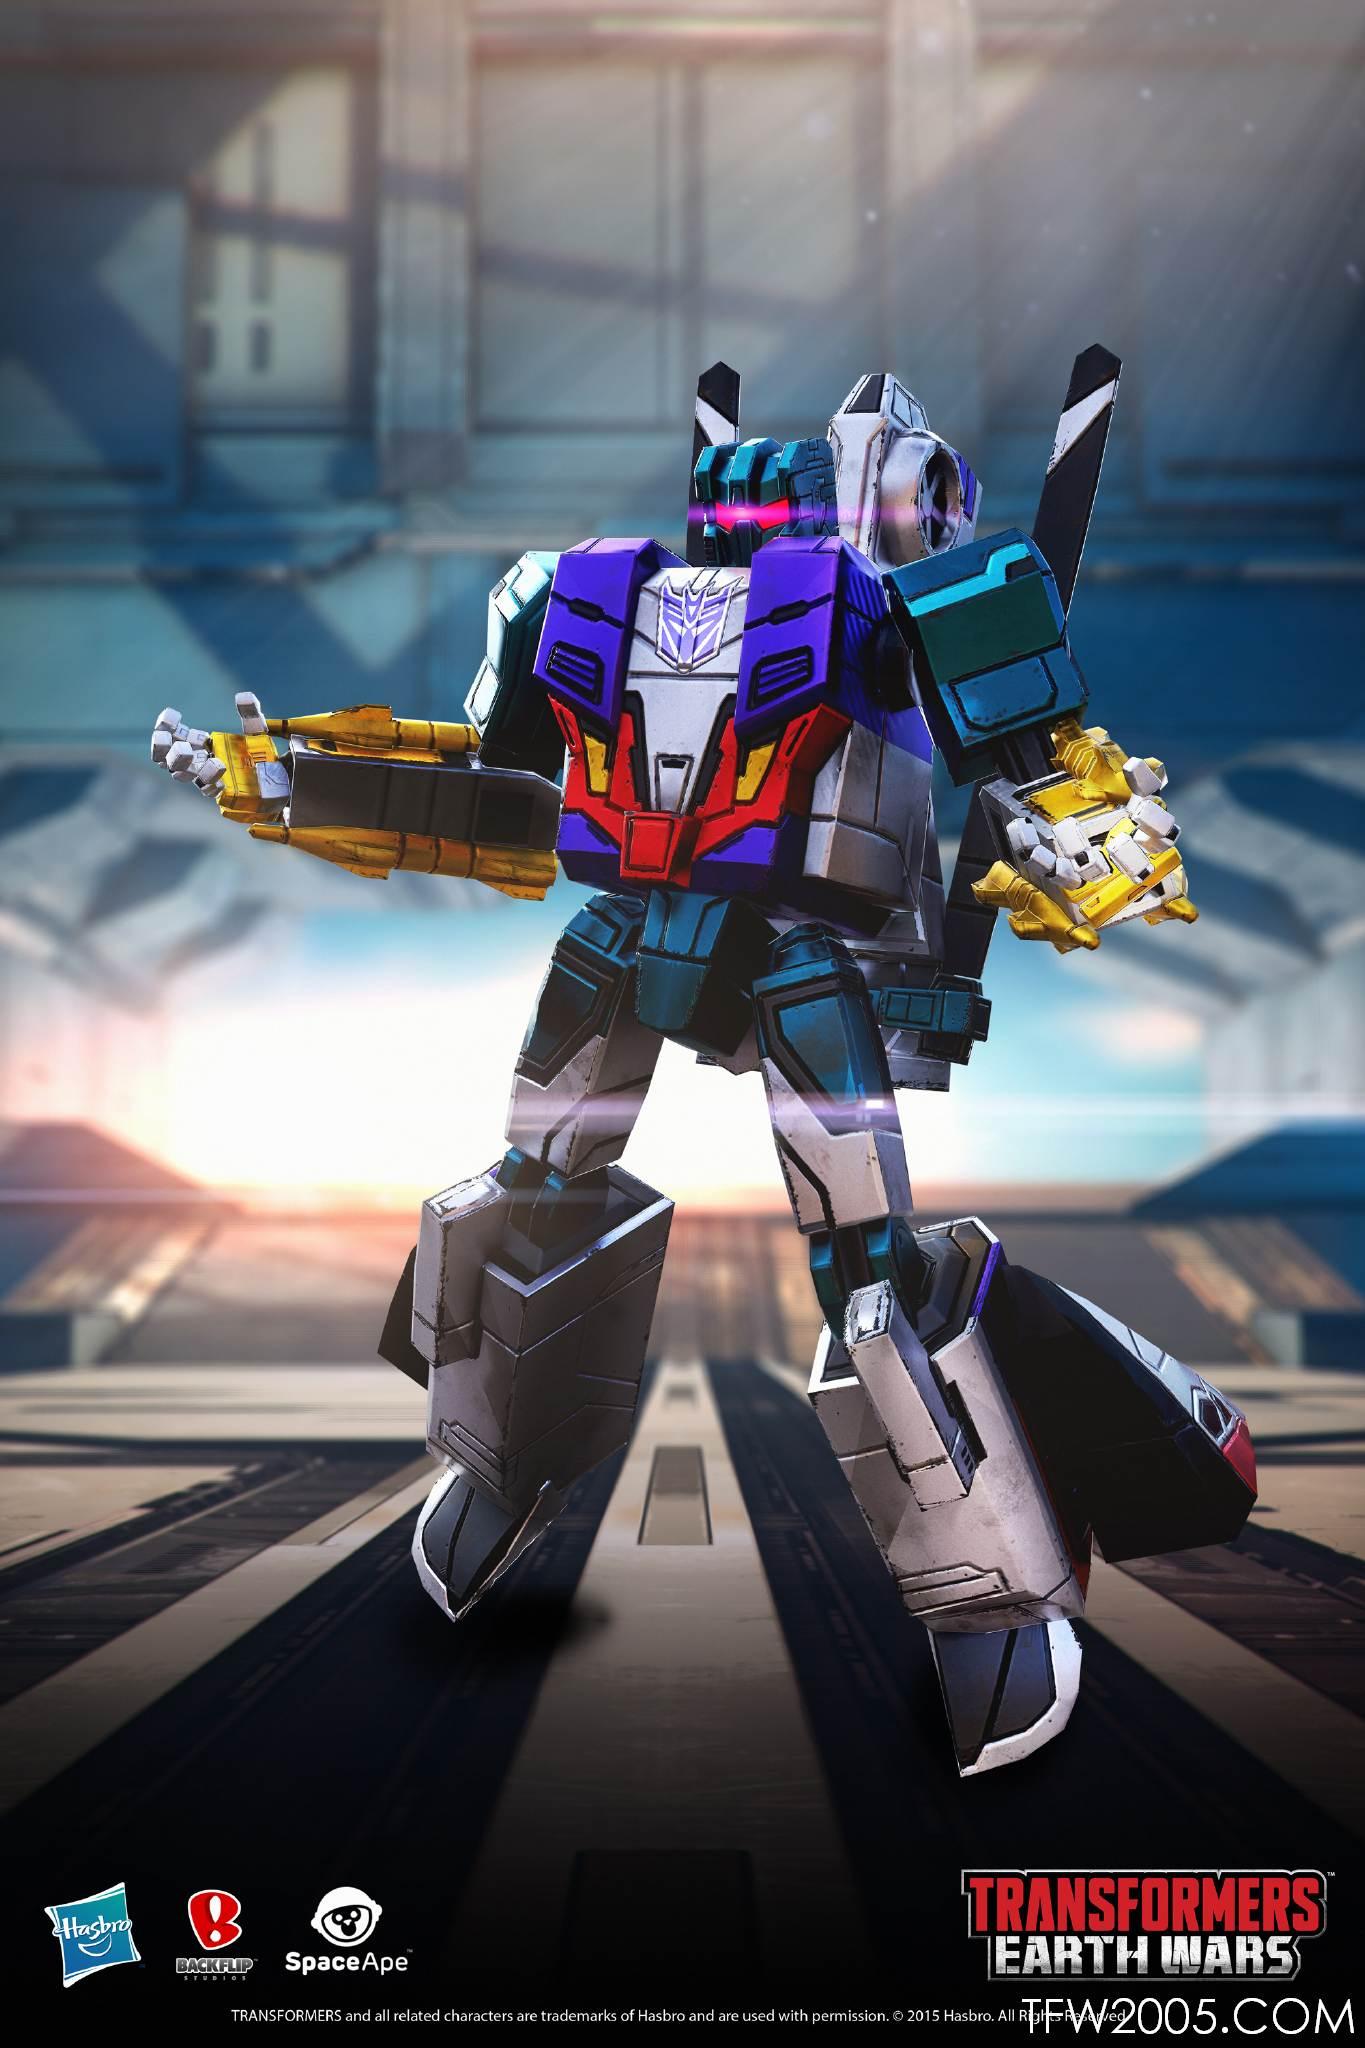 Vortex Transformers Earth Wars Closer Look